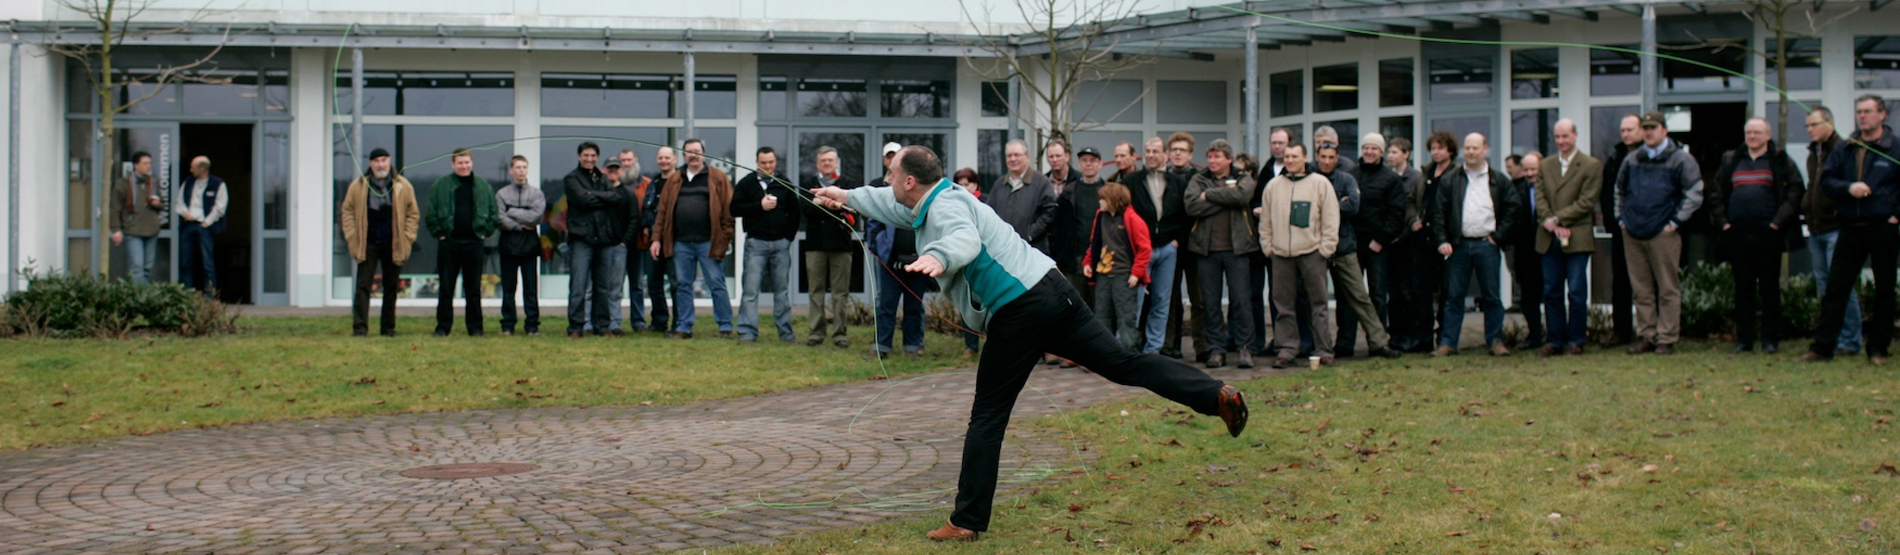 Siegbert Stümke beim Fliegenwerfen